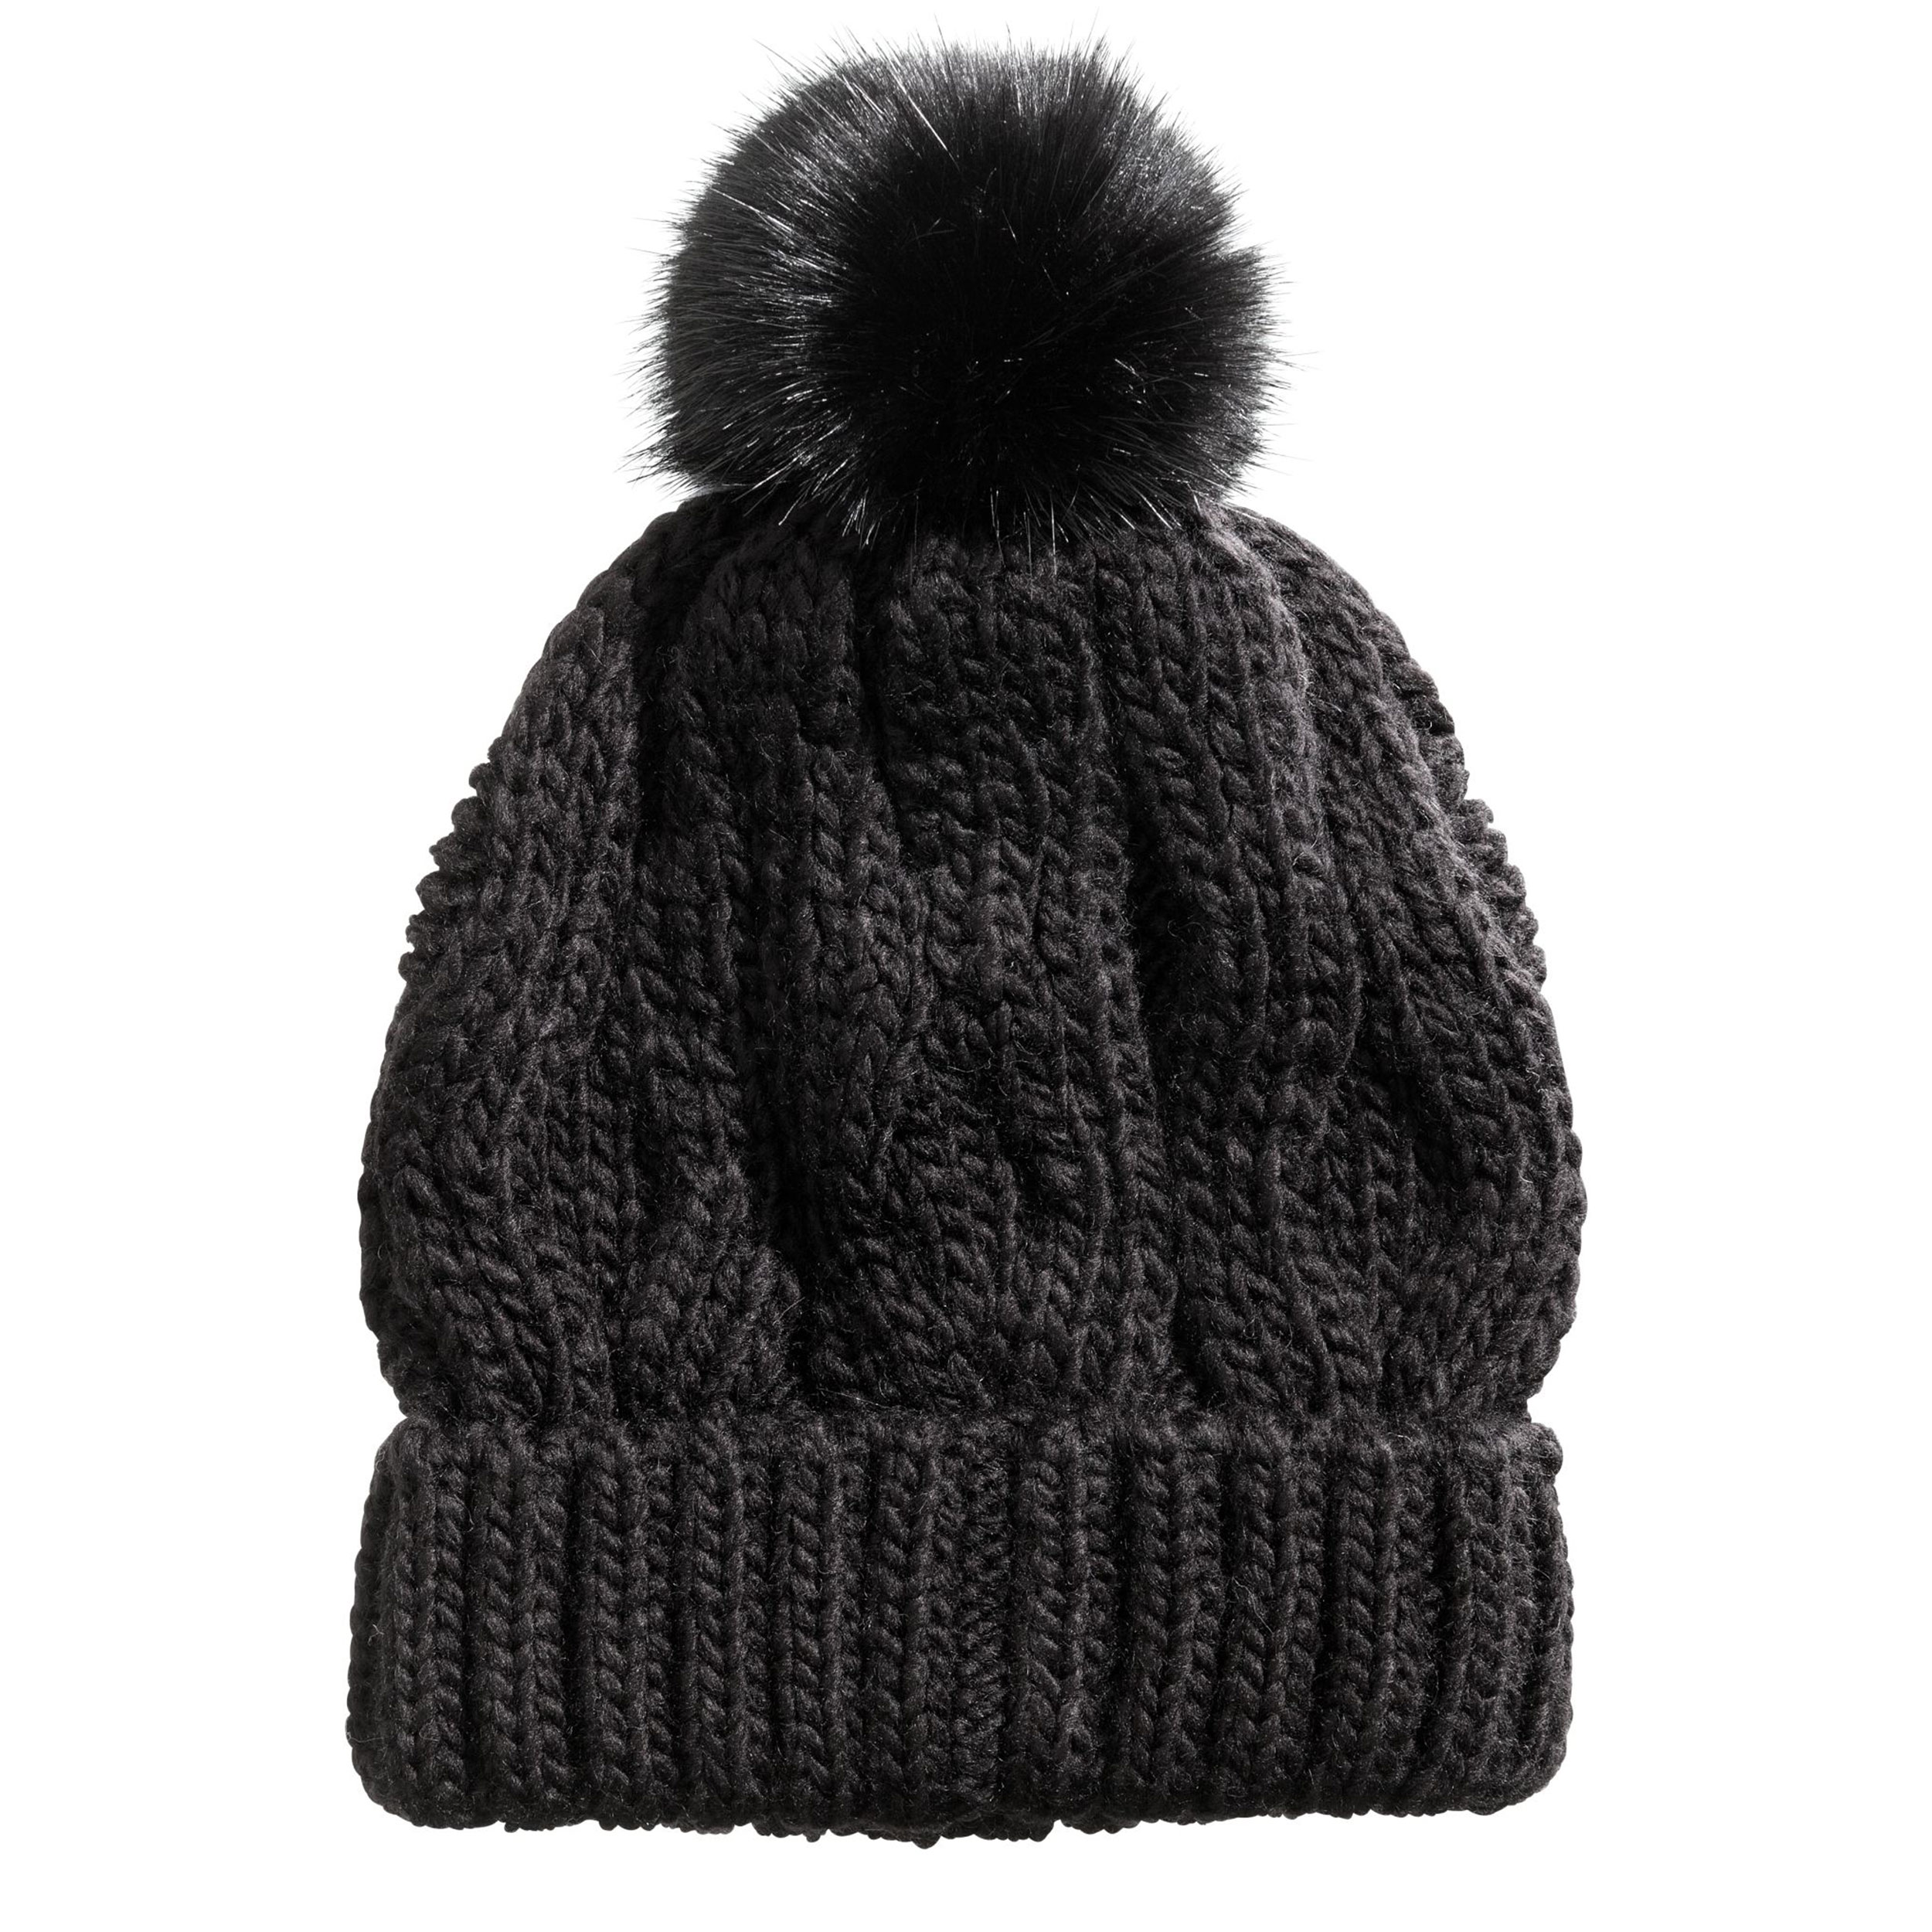 کلاه بافتنی زنانه اچ اند ام کد 03